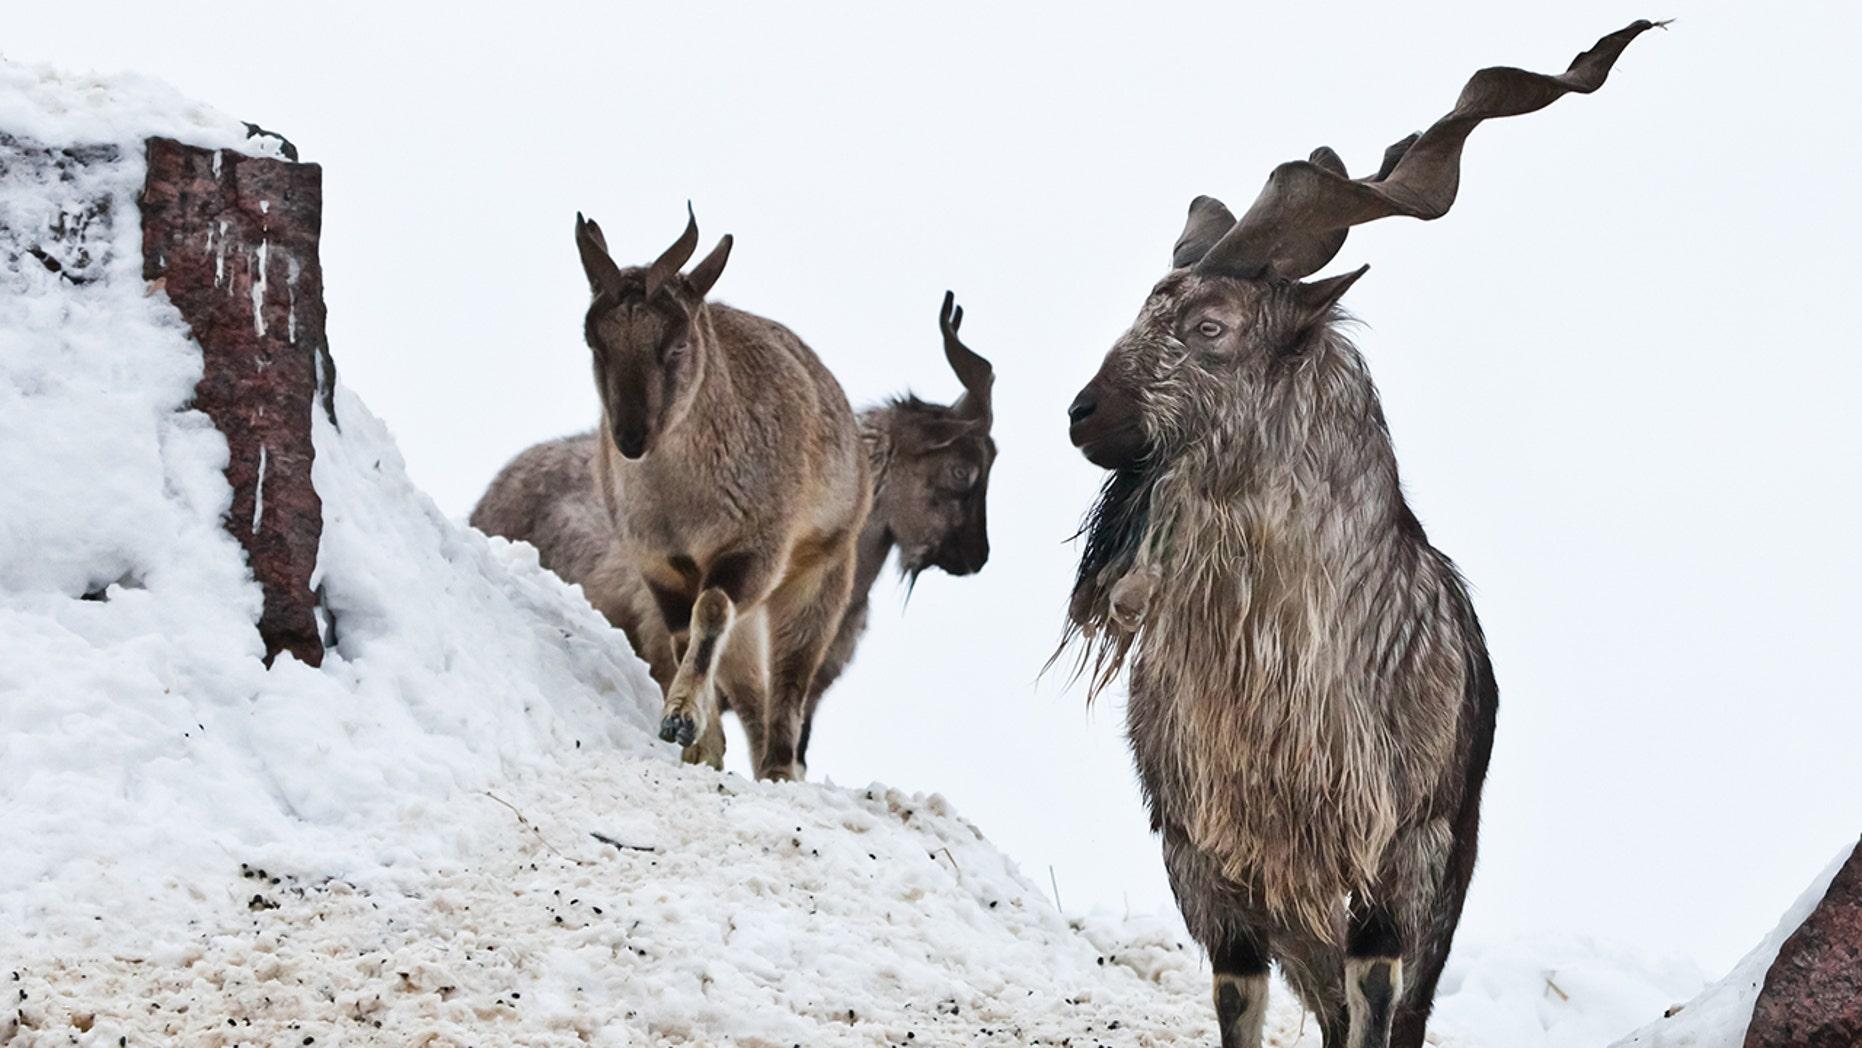 Cabras montesas (Markhor) entre la nieve y las salientes rocosas contra el cielo blanco, grandes cuernos.